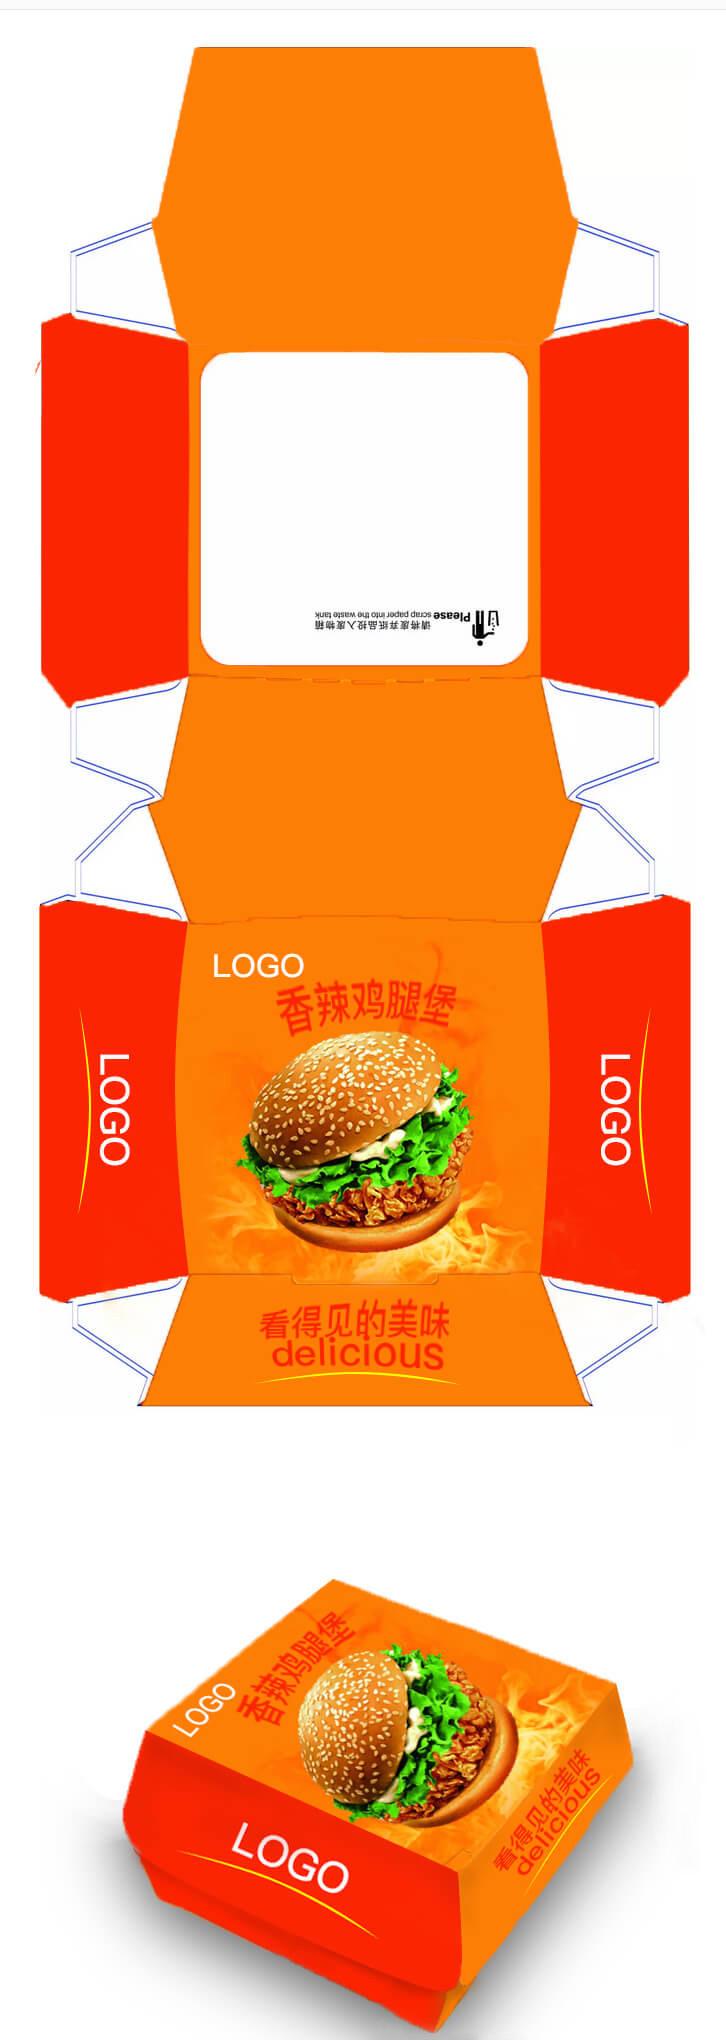 汉堡盒子包装设计